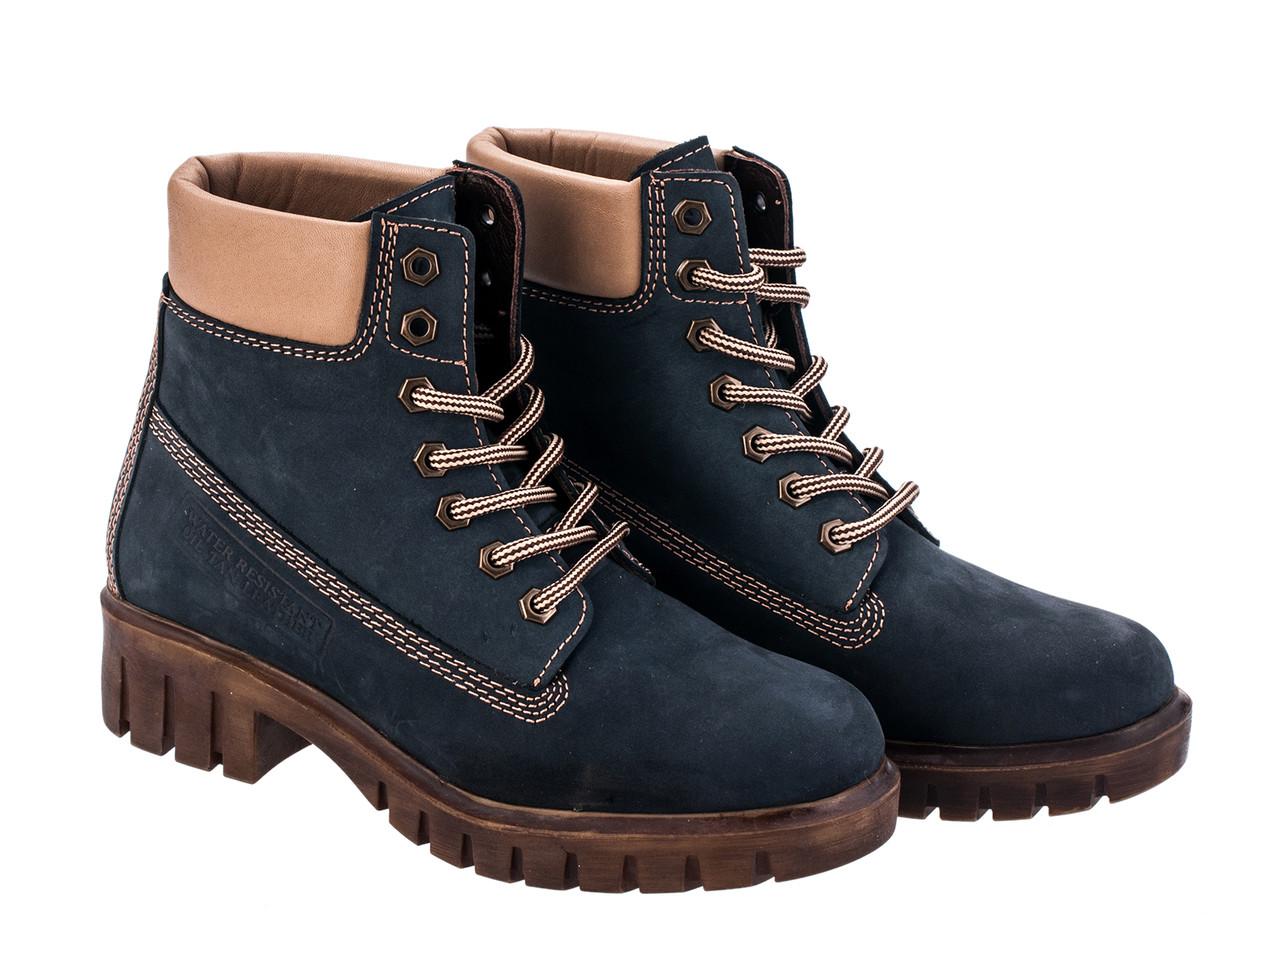 Ботинки Etor 5169-021554-823 синие, фото 1